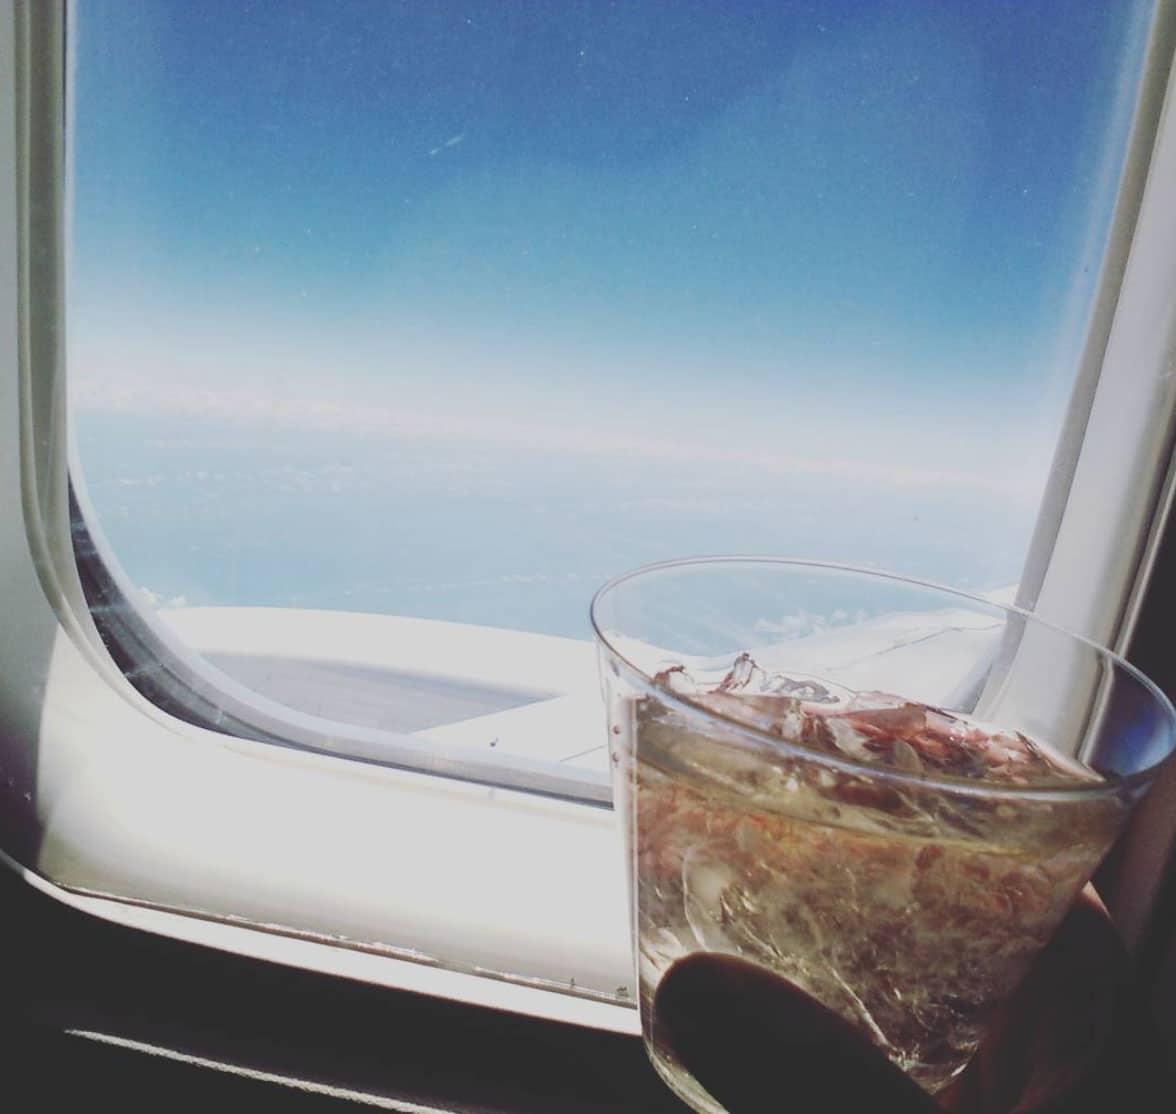 feeling fancy on the plane